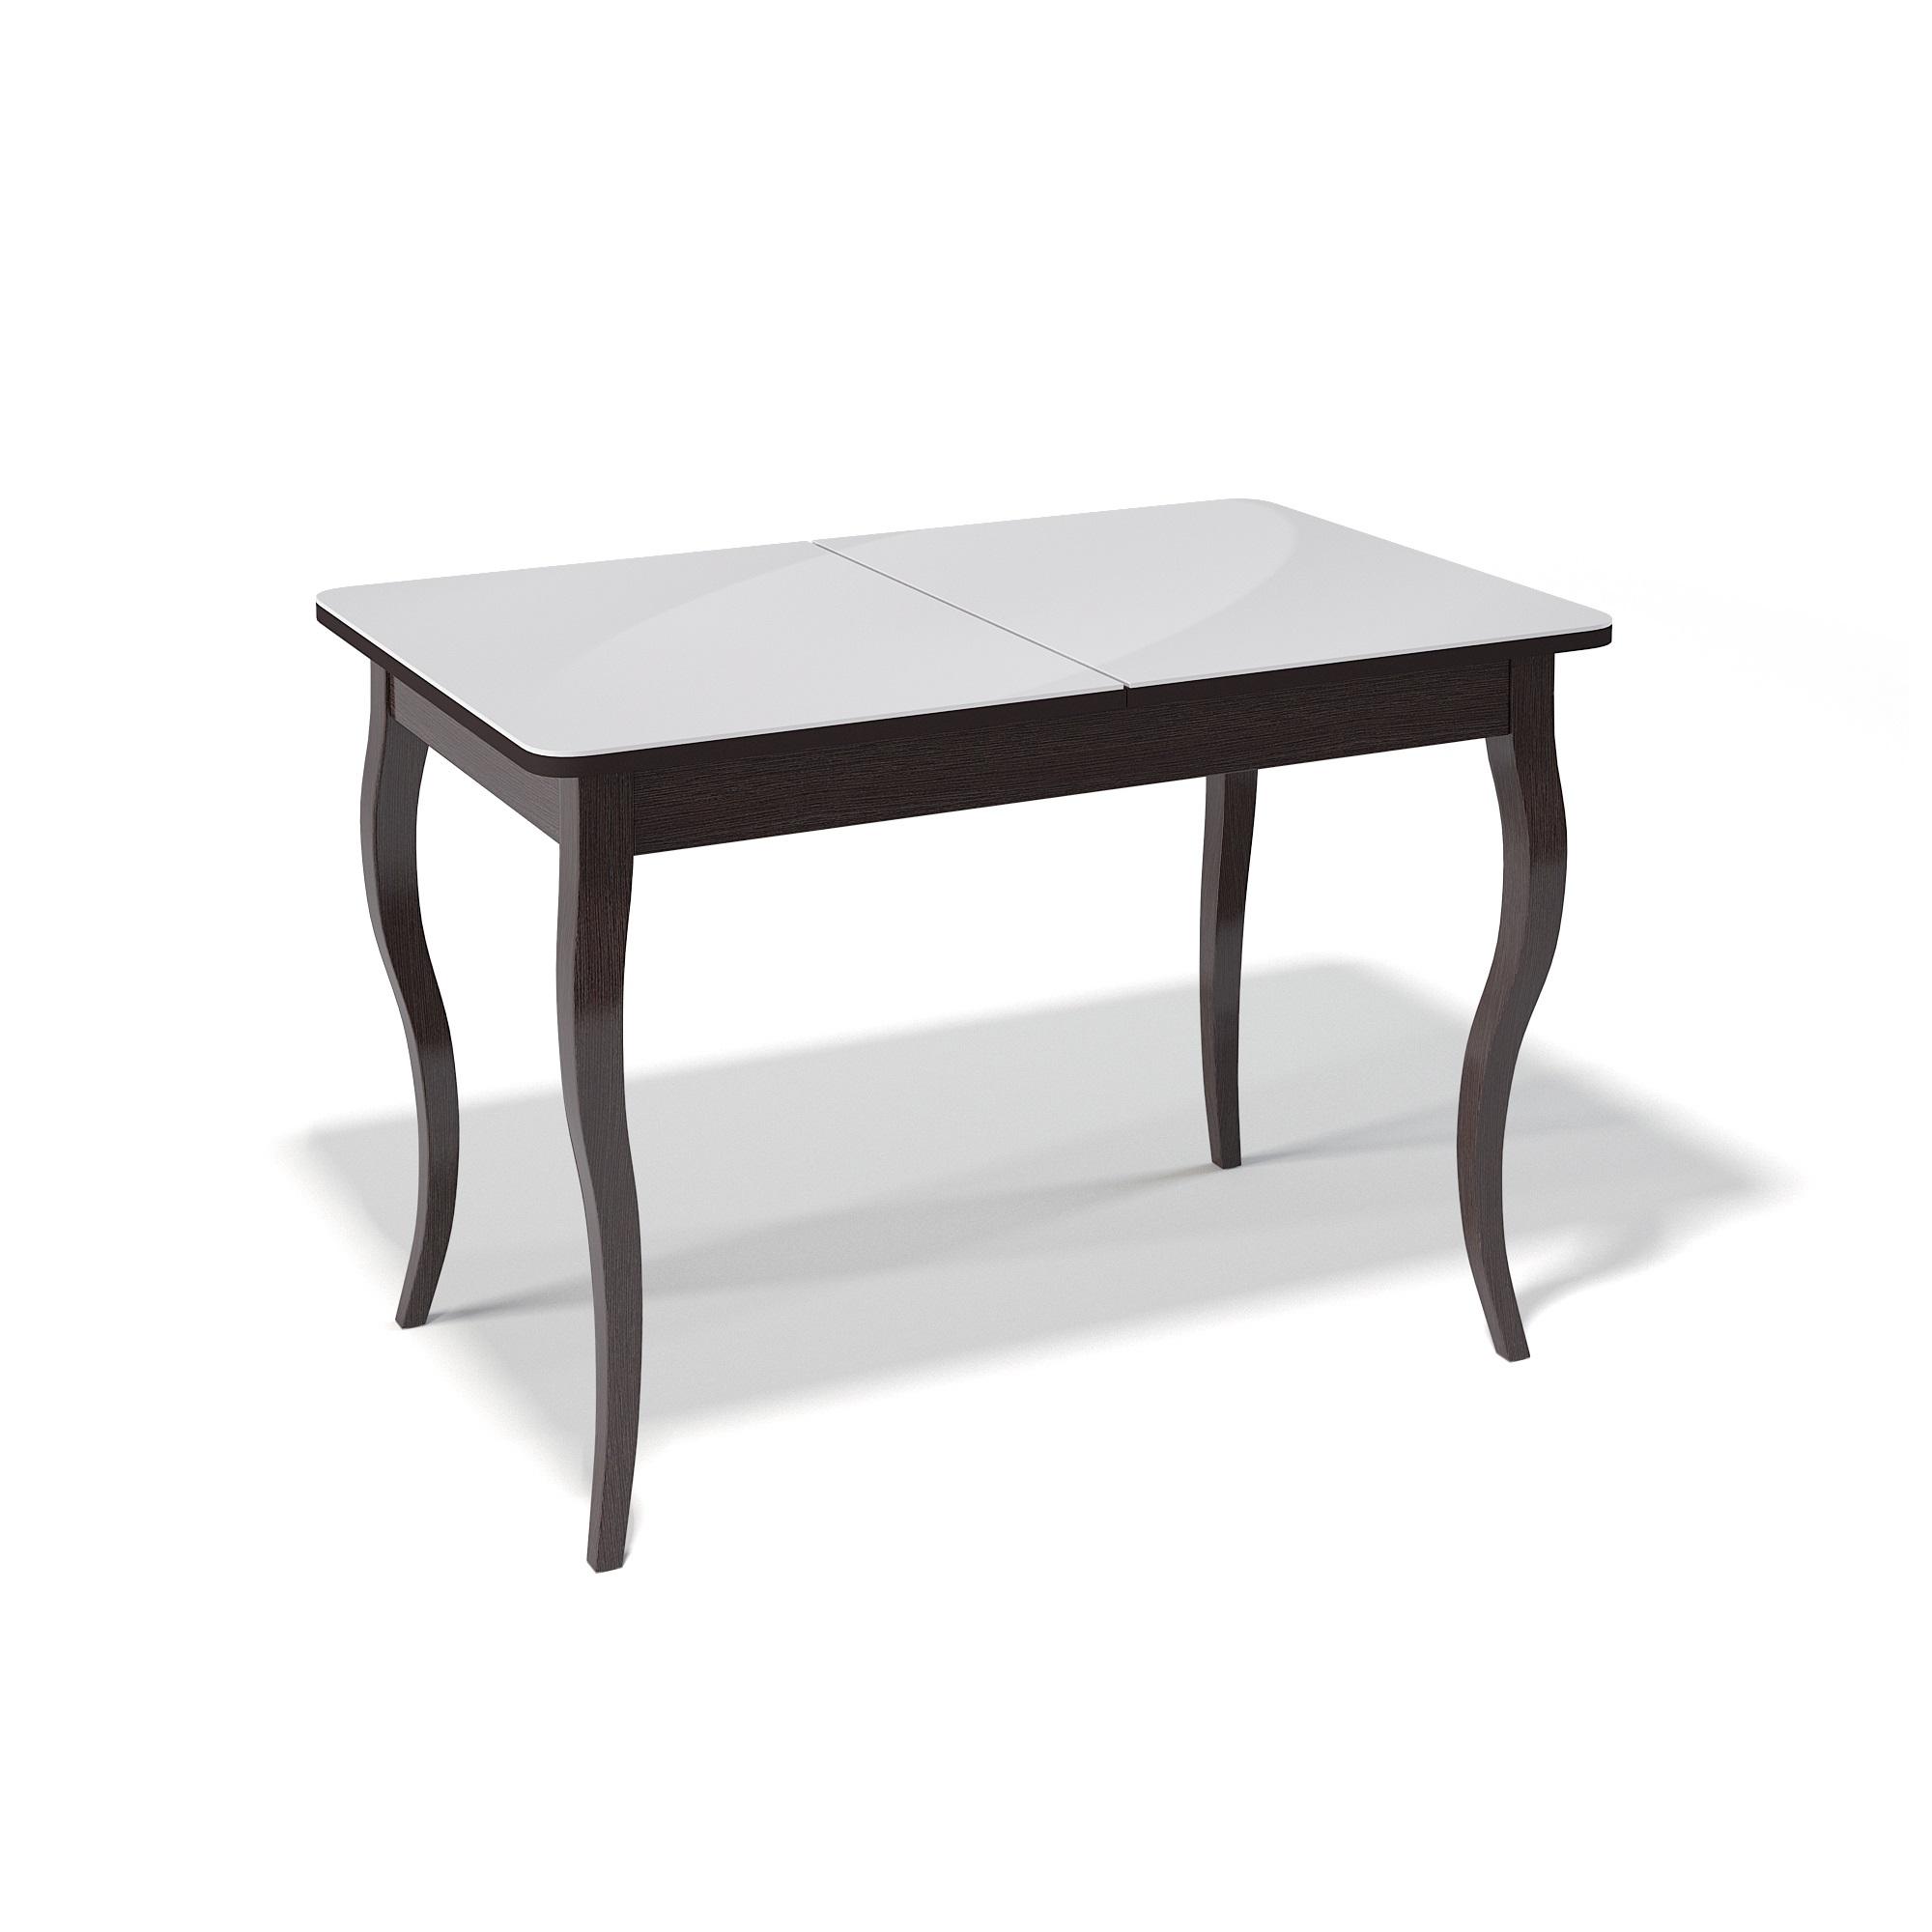 Стол обеденный KennerОбеденные столы<br>Ножки стола выполнены из массива бука, столешница - ДСП+стекло 4мм.&amp;amp;nbsp;&amp;lt;div&amp;gt;Механизм раскладки: синхронный, легкого скольжения.&amp;amp;nbsp;&amp;lt;/div&amp;gt;&amp;lt;div&amp;gt;На ножках установлены регулировочные винты.&amp;amp;nbsp;&amp;lt;/div&amp;gt;&amp;lt;div&amp;gt;Фурнитура в комплекте.&amp;amp;nbsp;&amp;lt;/div&amp;gt;&amp;lt;div&amp;gt;Стол раскладной,вставка &amp;quot;бабочка&amp;quot; со стеклом.&amp;amp;nbsp;&amp;lt;/div&amp;gt;&amp;lt;div&amp;gt;Размер столешницы в разложенном виде: 160х75 см. &amp;lt;/div&amp;gt;<br><br>Material: Дерево<br>Ширина см: 120.0<br>Высота см: 75.0<br>Глубина см: 80.0